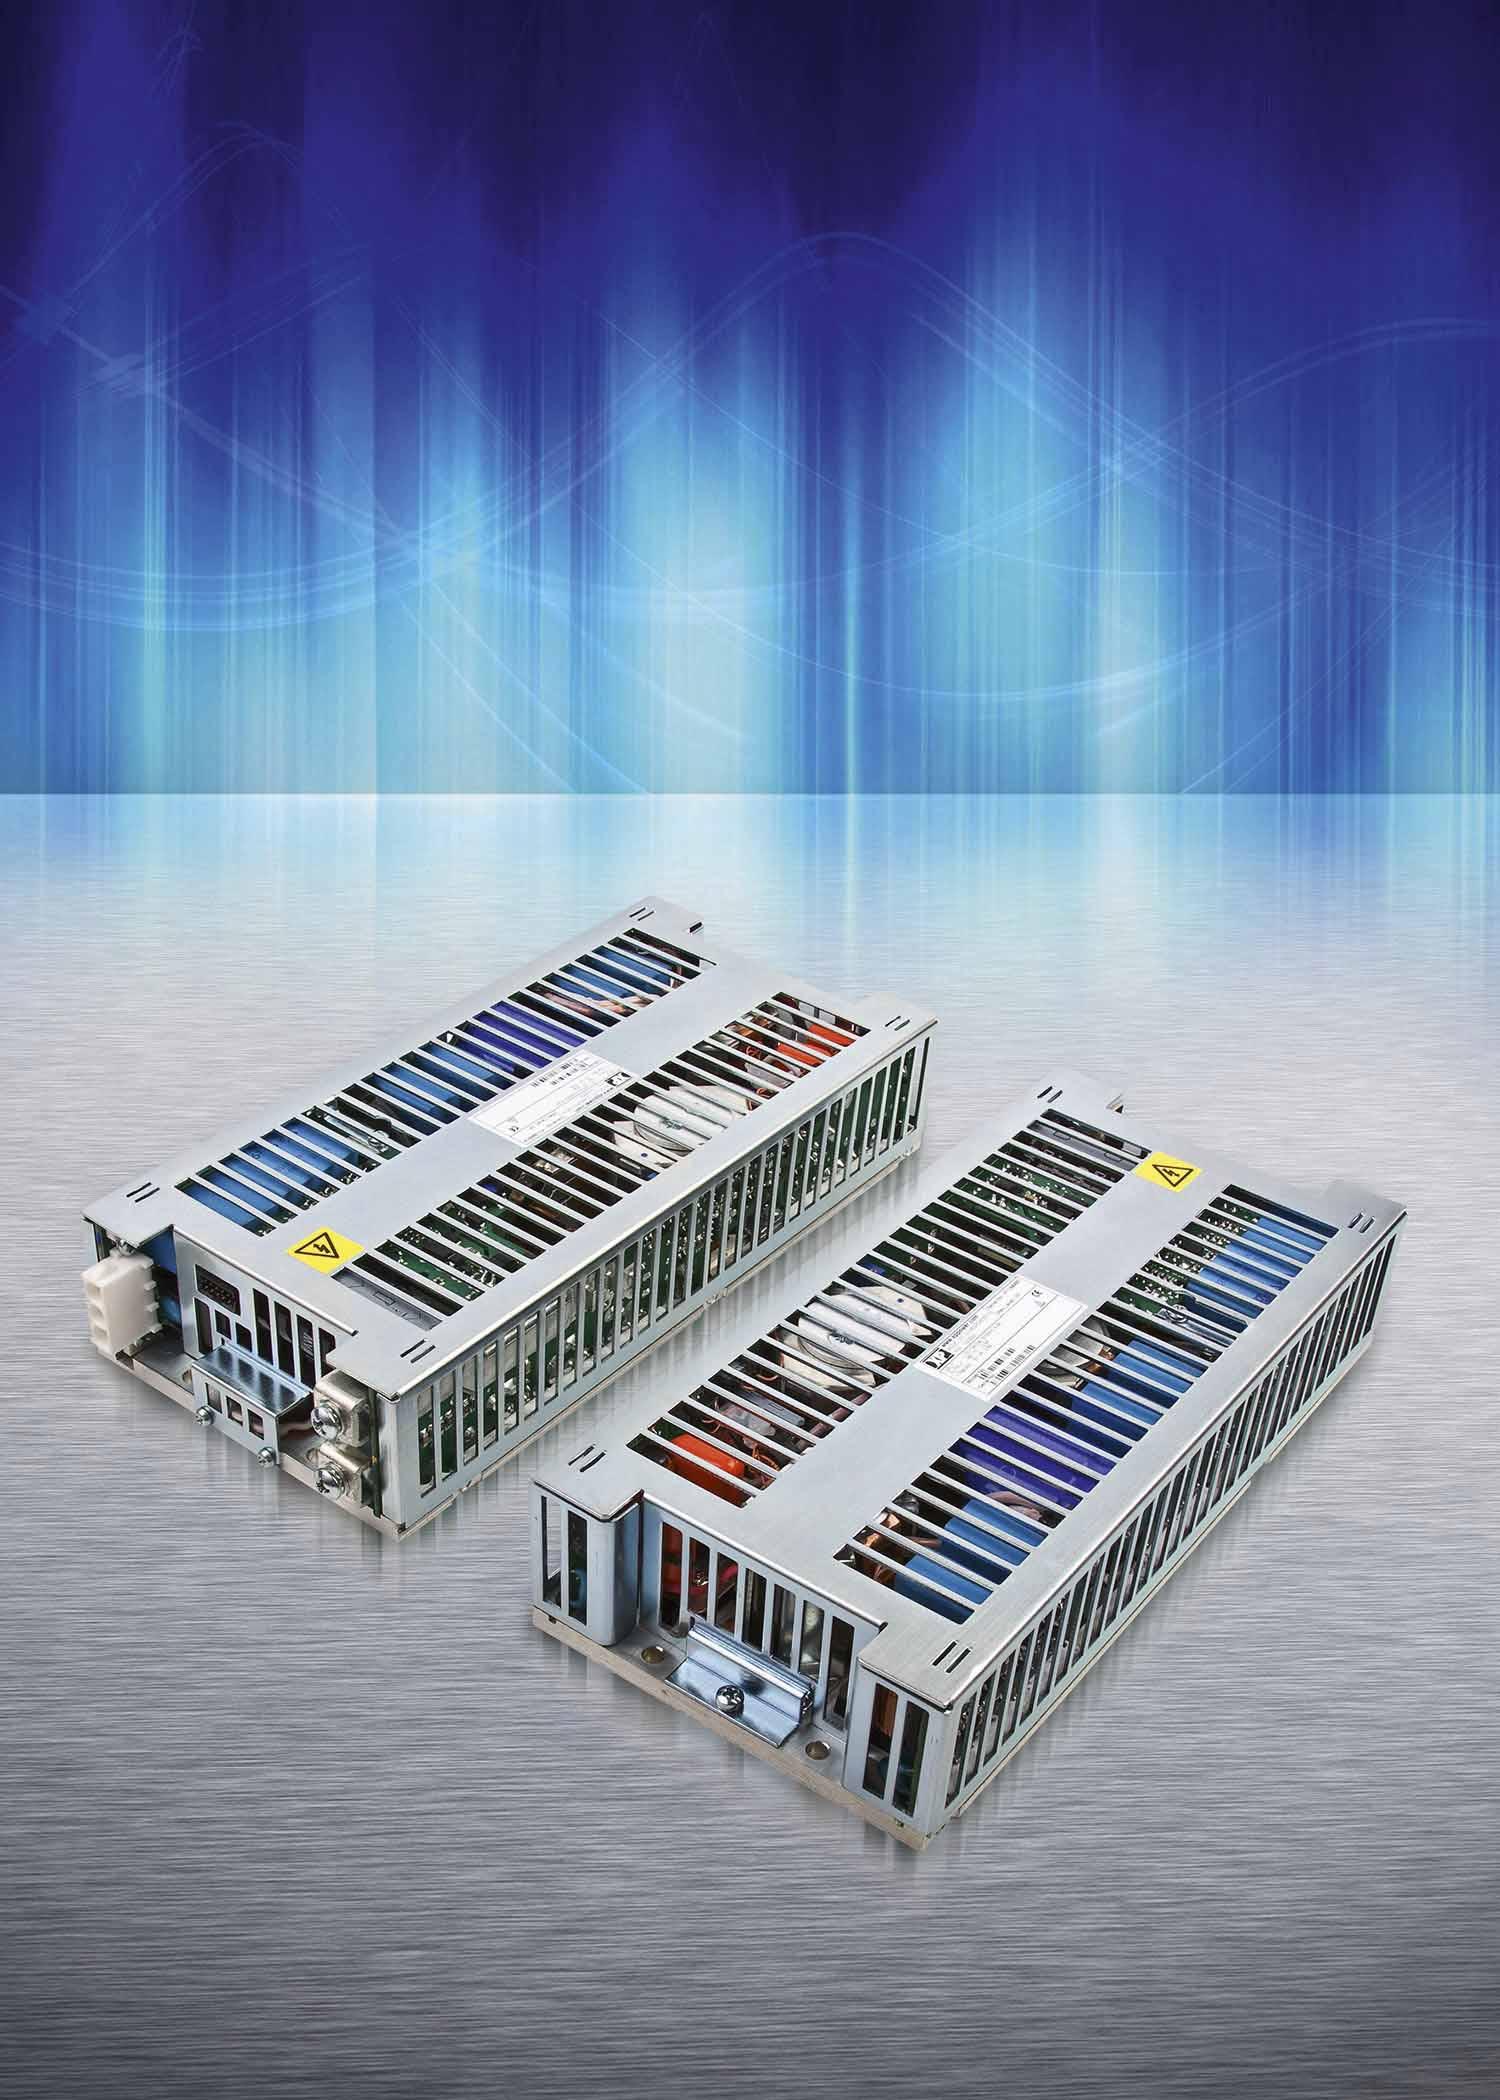 Высокоэффективные 400- и 600-Вт источники питания AC/DC с отводом тепла через основание корпуса для жёстких условий эксплуатации и применений в герметичных корпусах